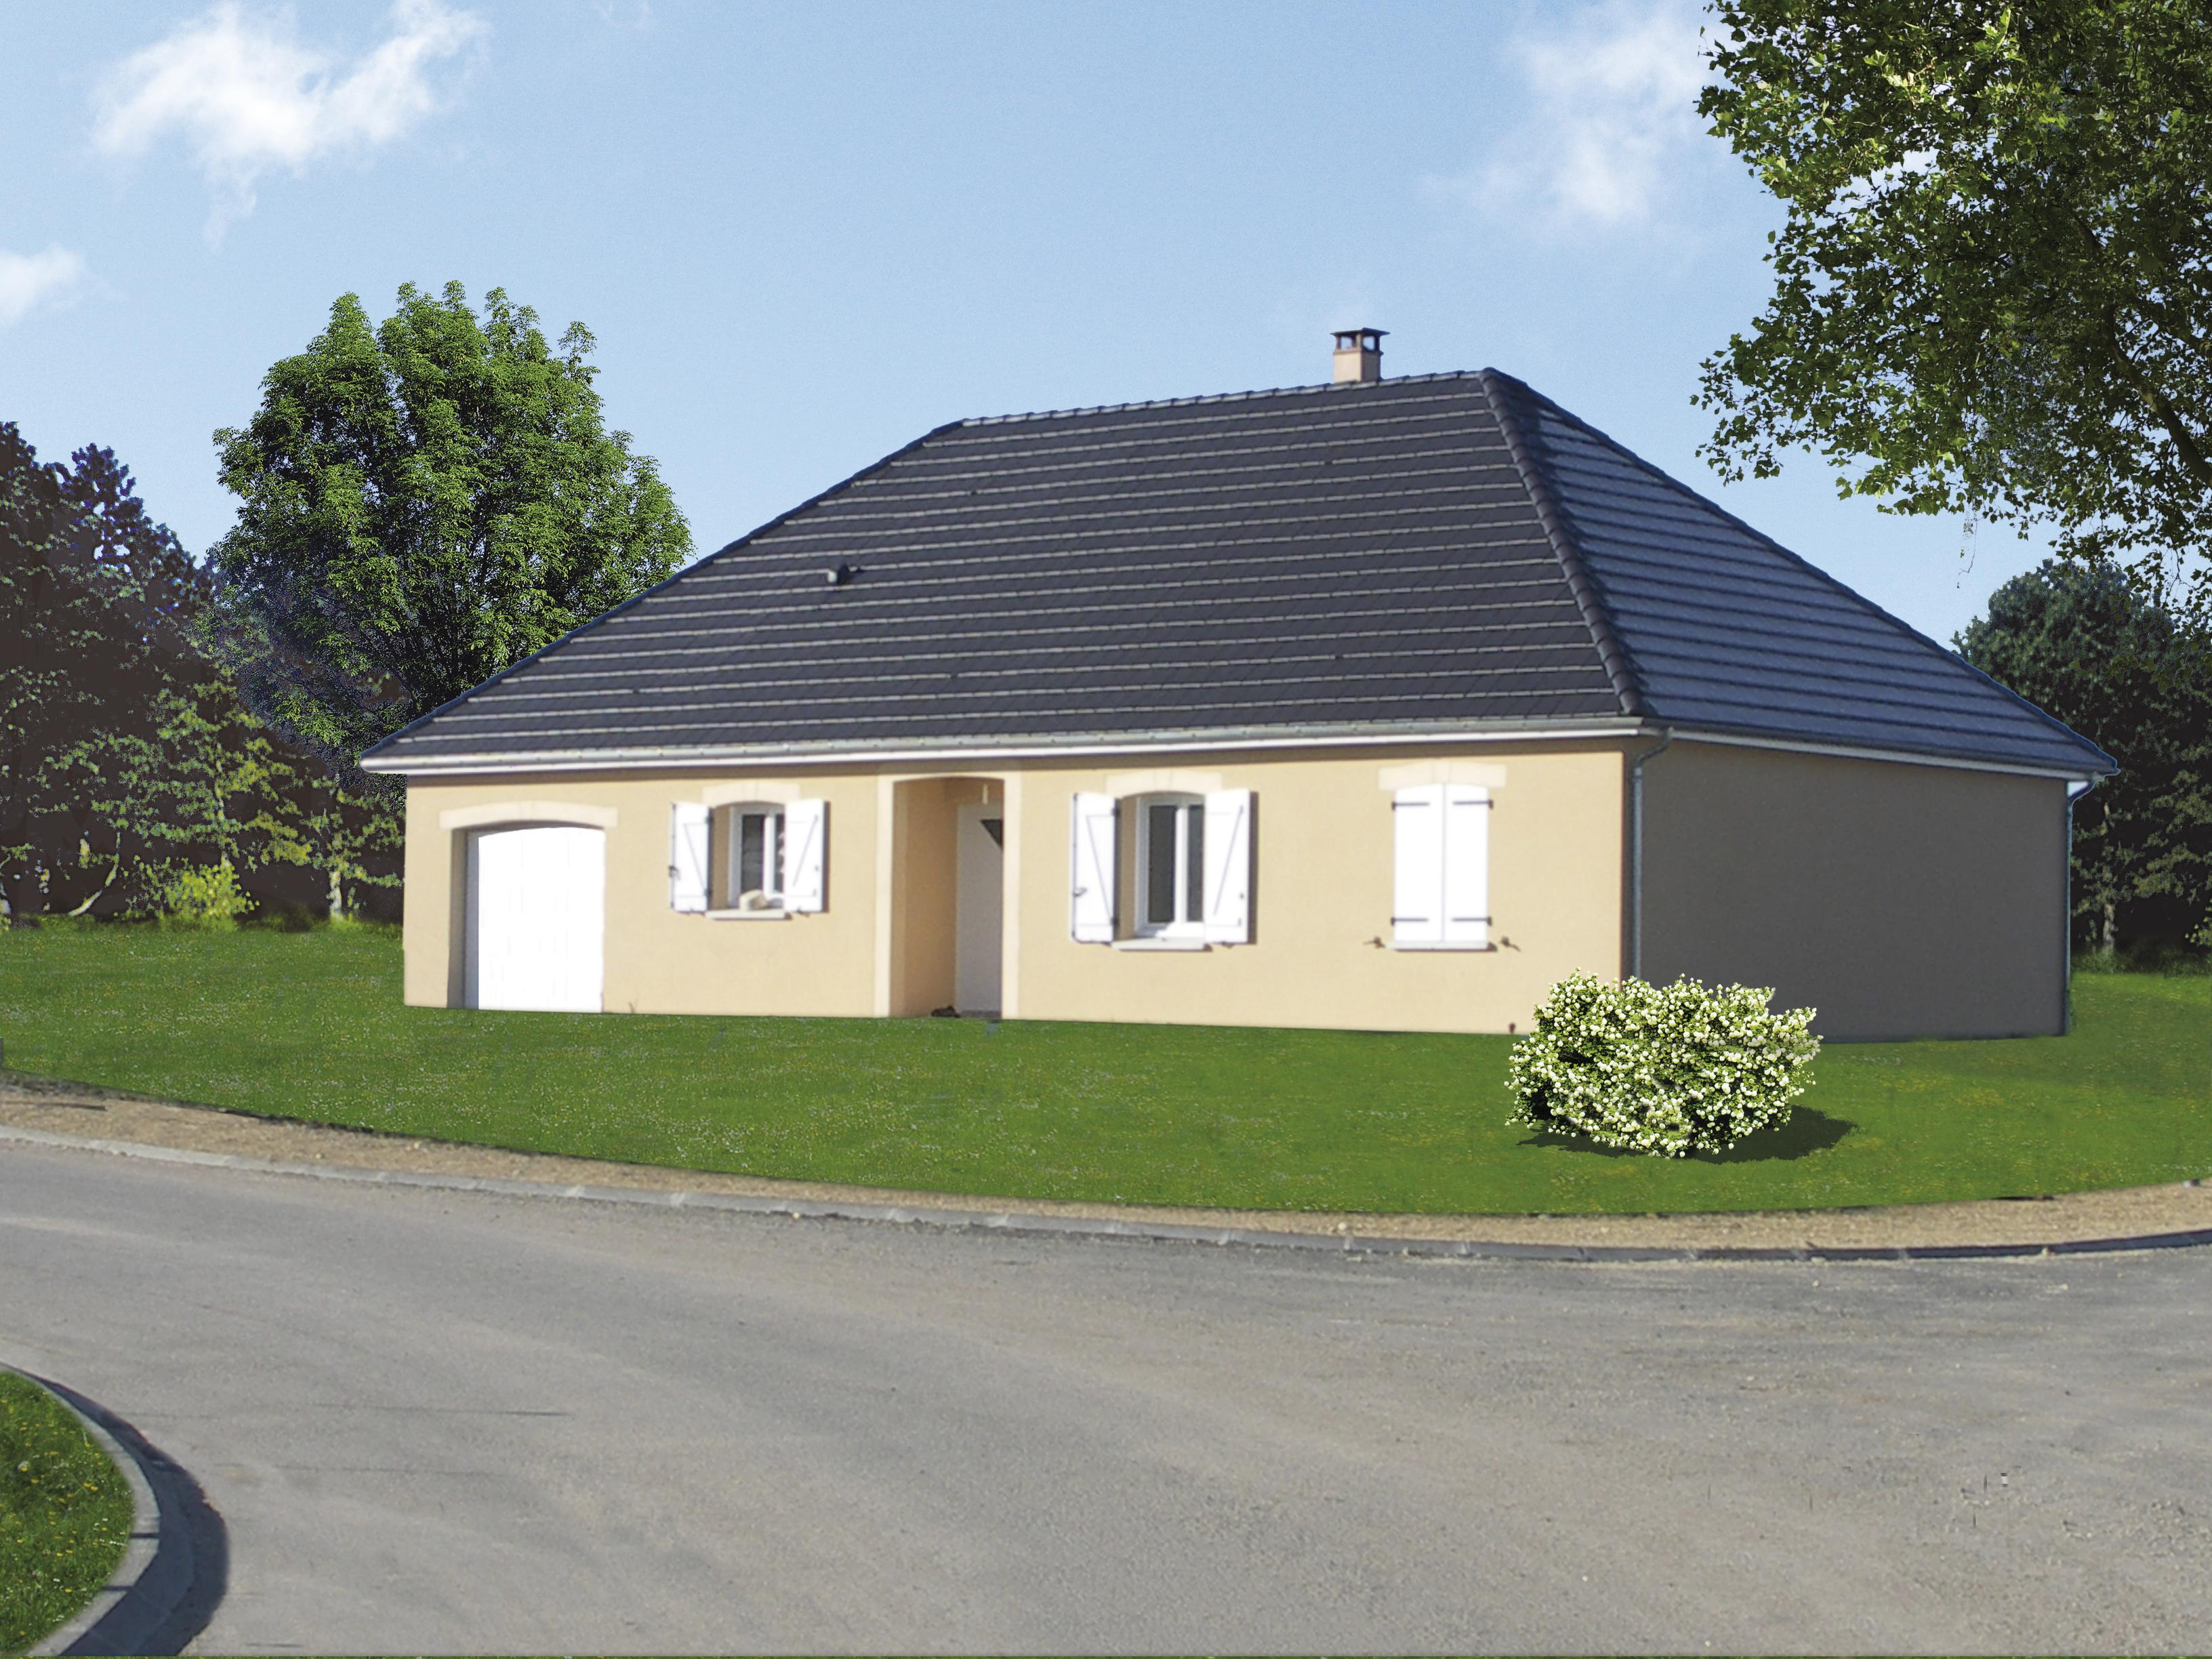 Maisons du constructeur MAISONS SERCPI • 401 m² • BOURGES